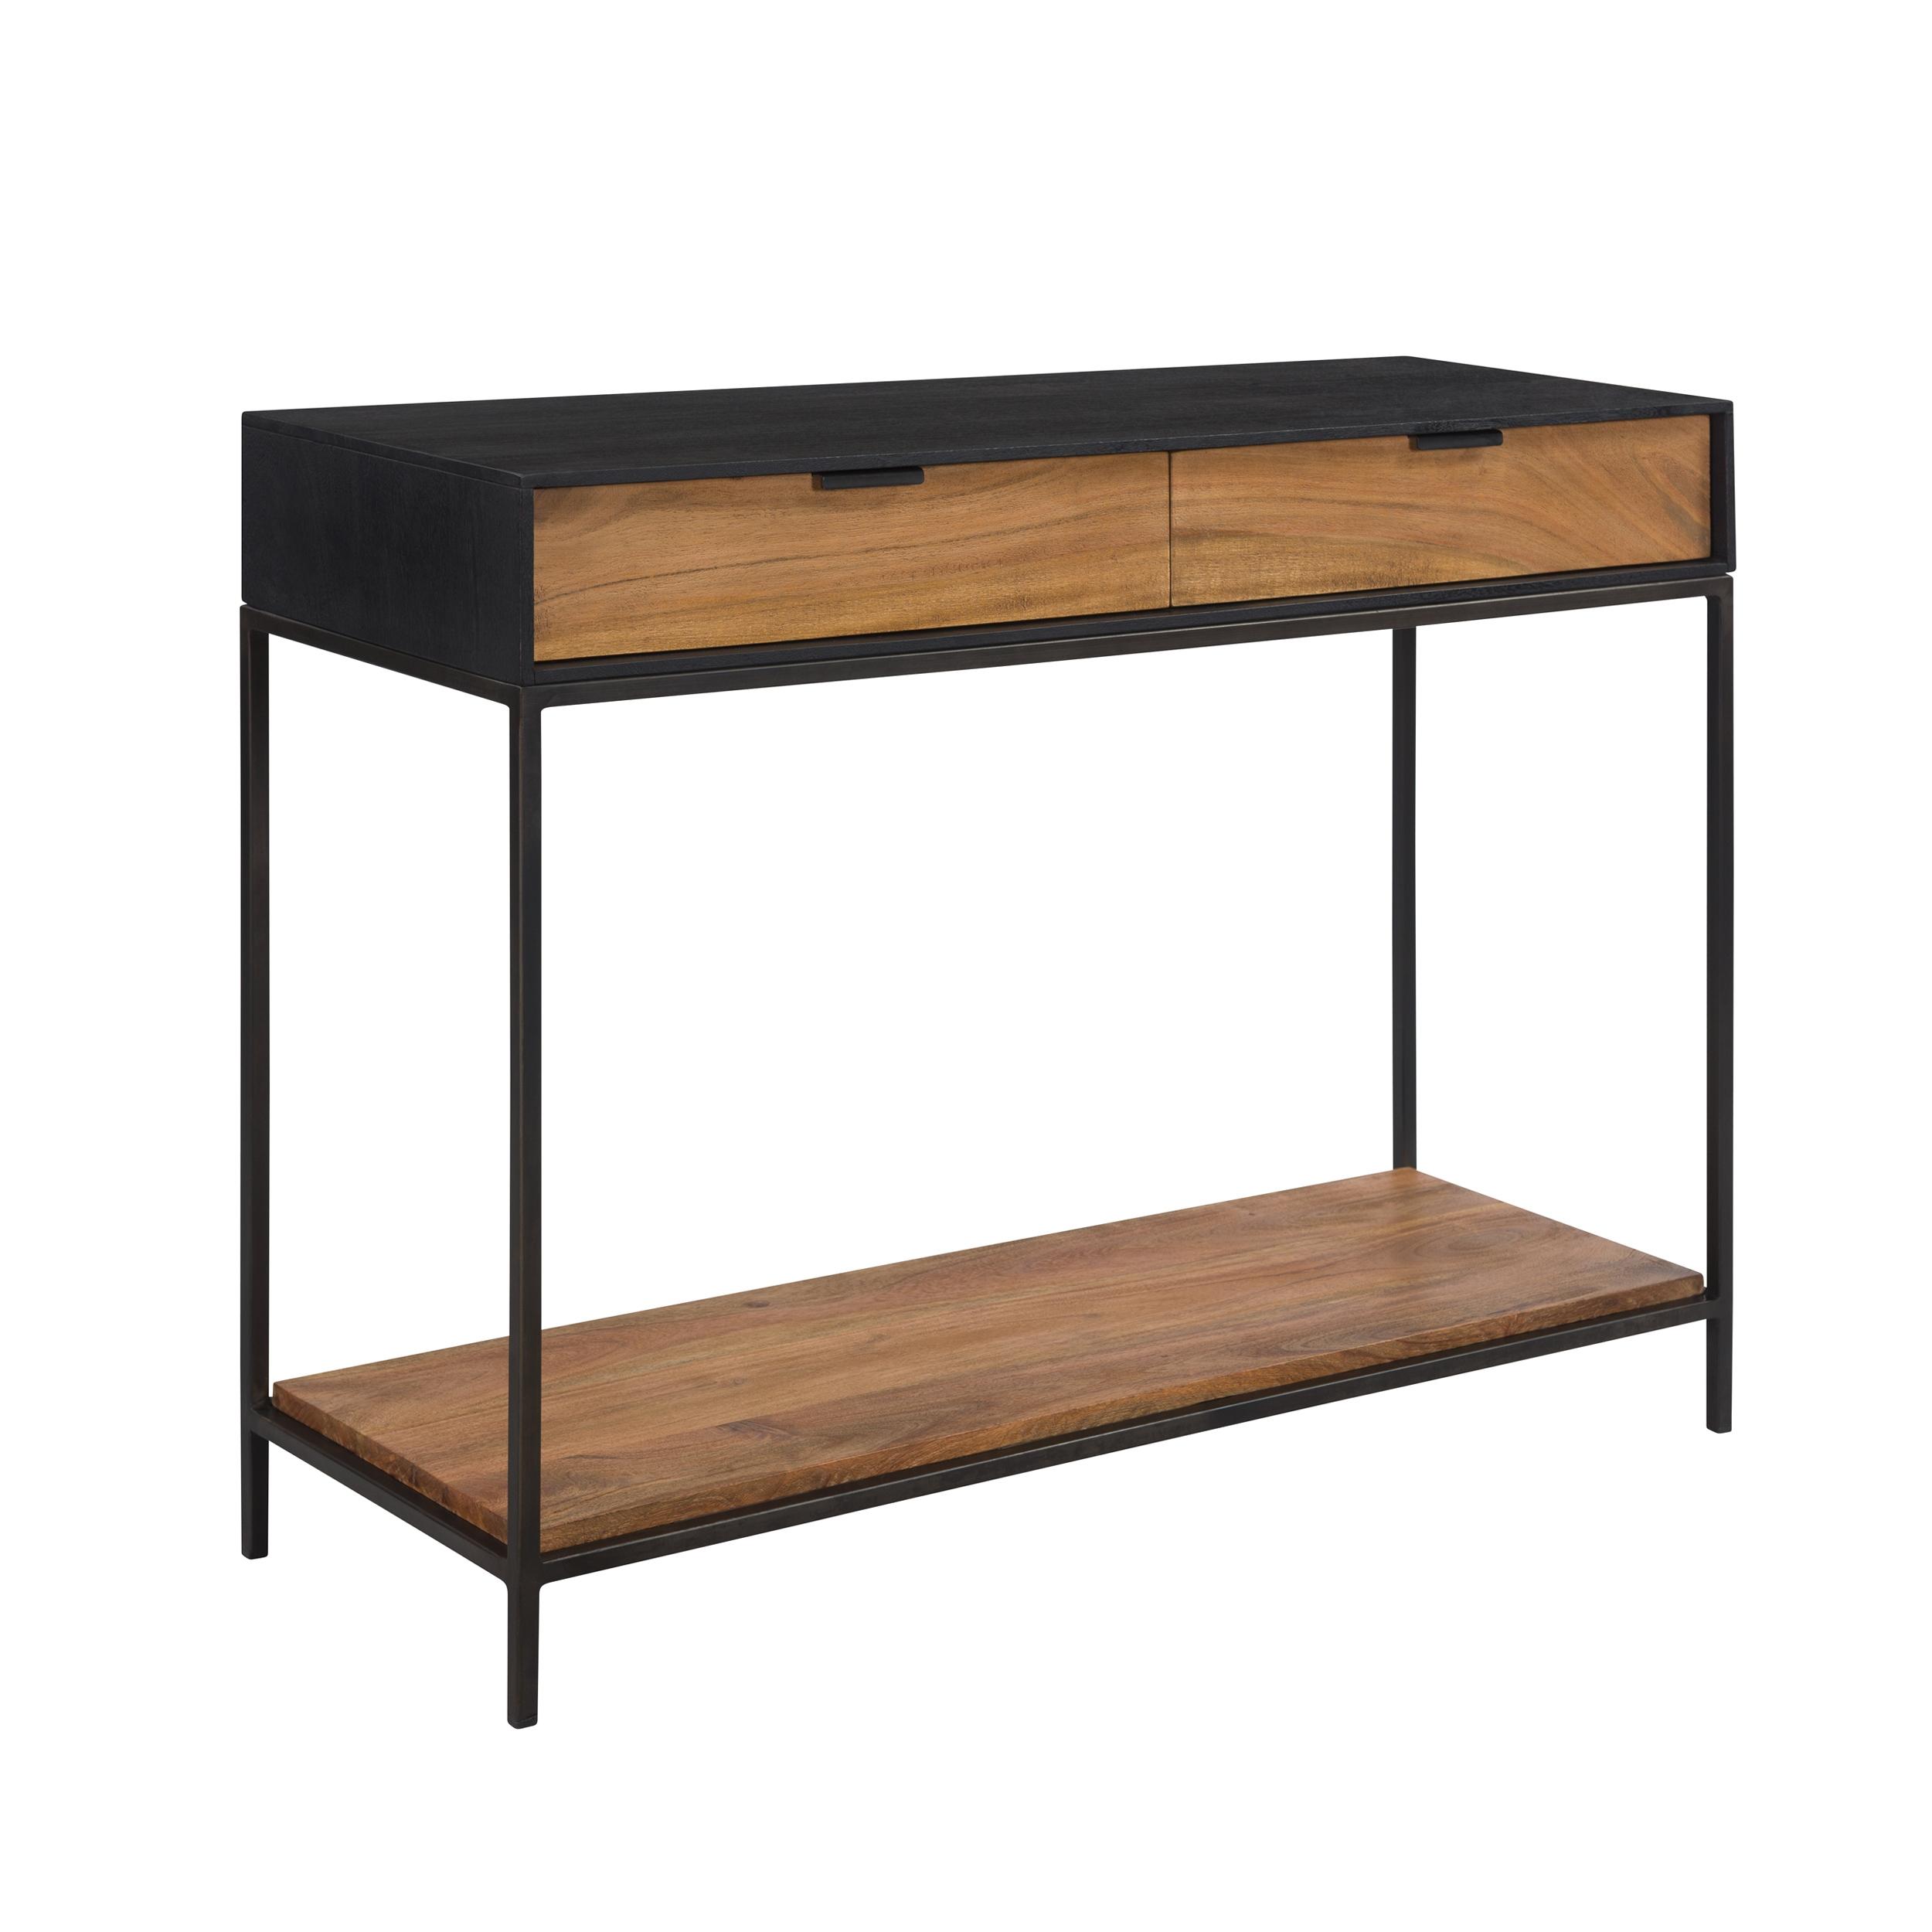 Console 2 tiroirs en bois d'acacia et pieds en métal noir